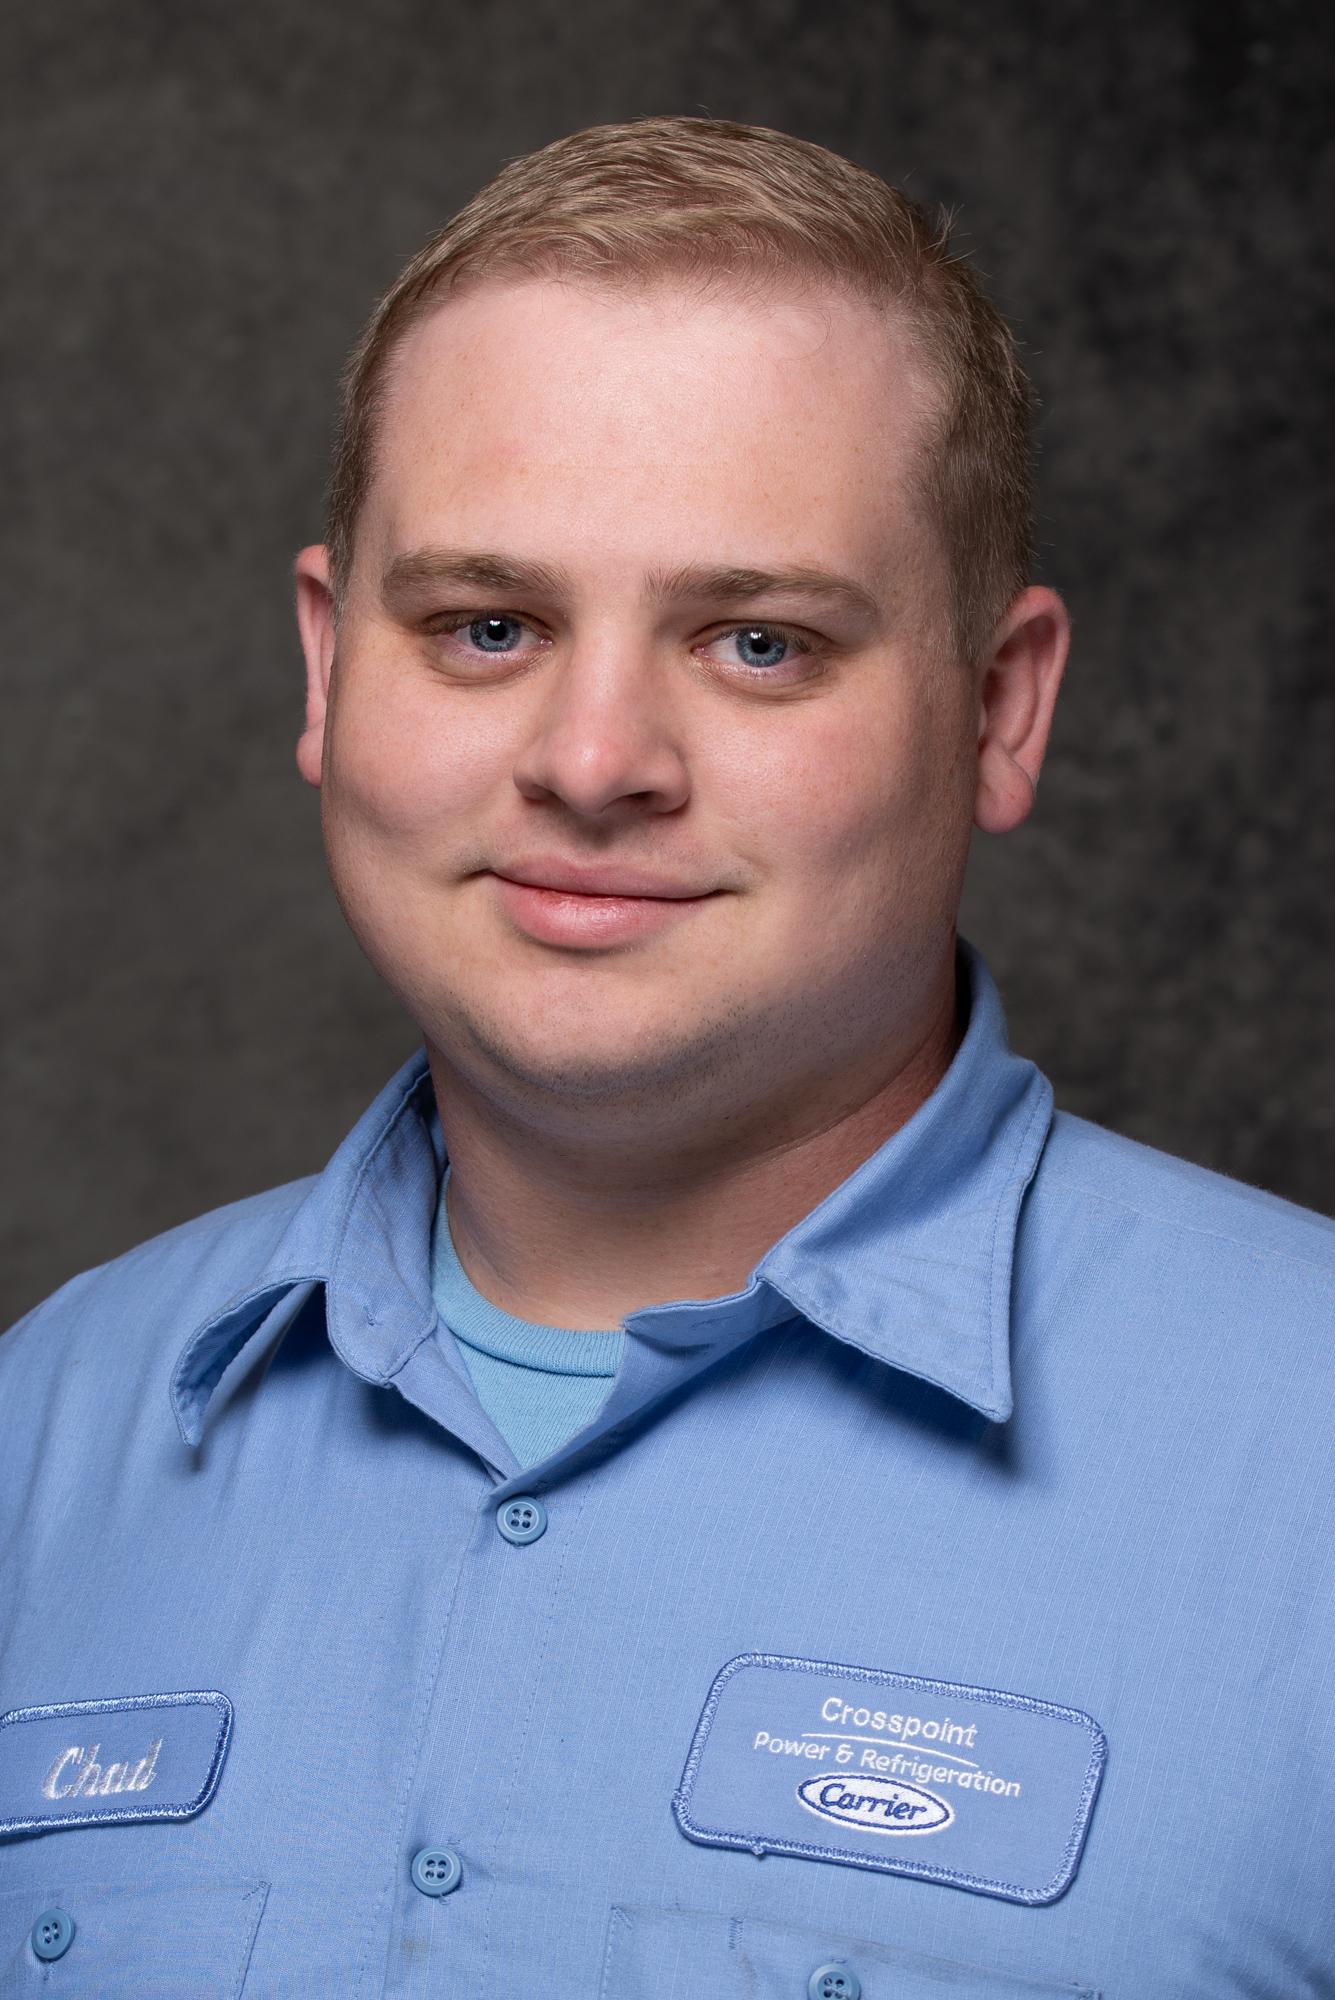 Chad Honeycutt